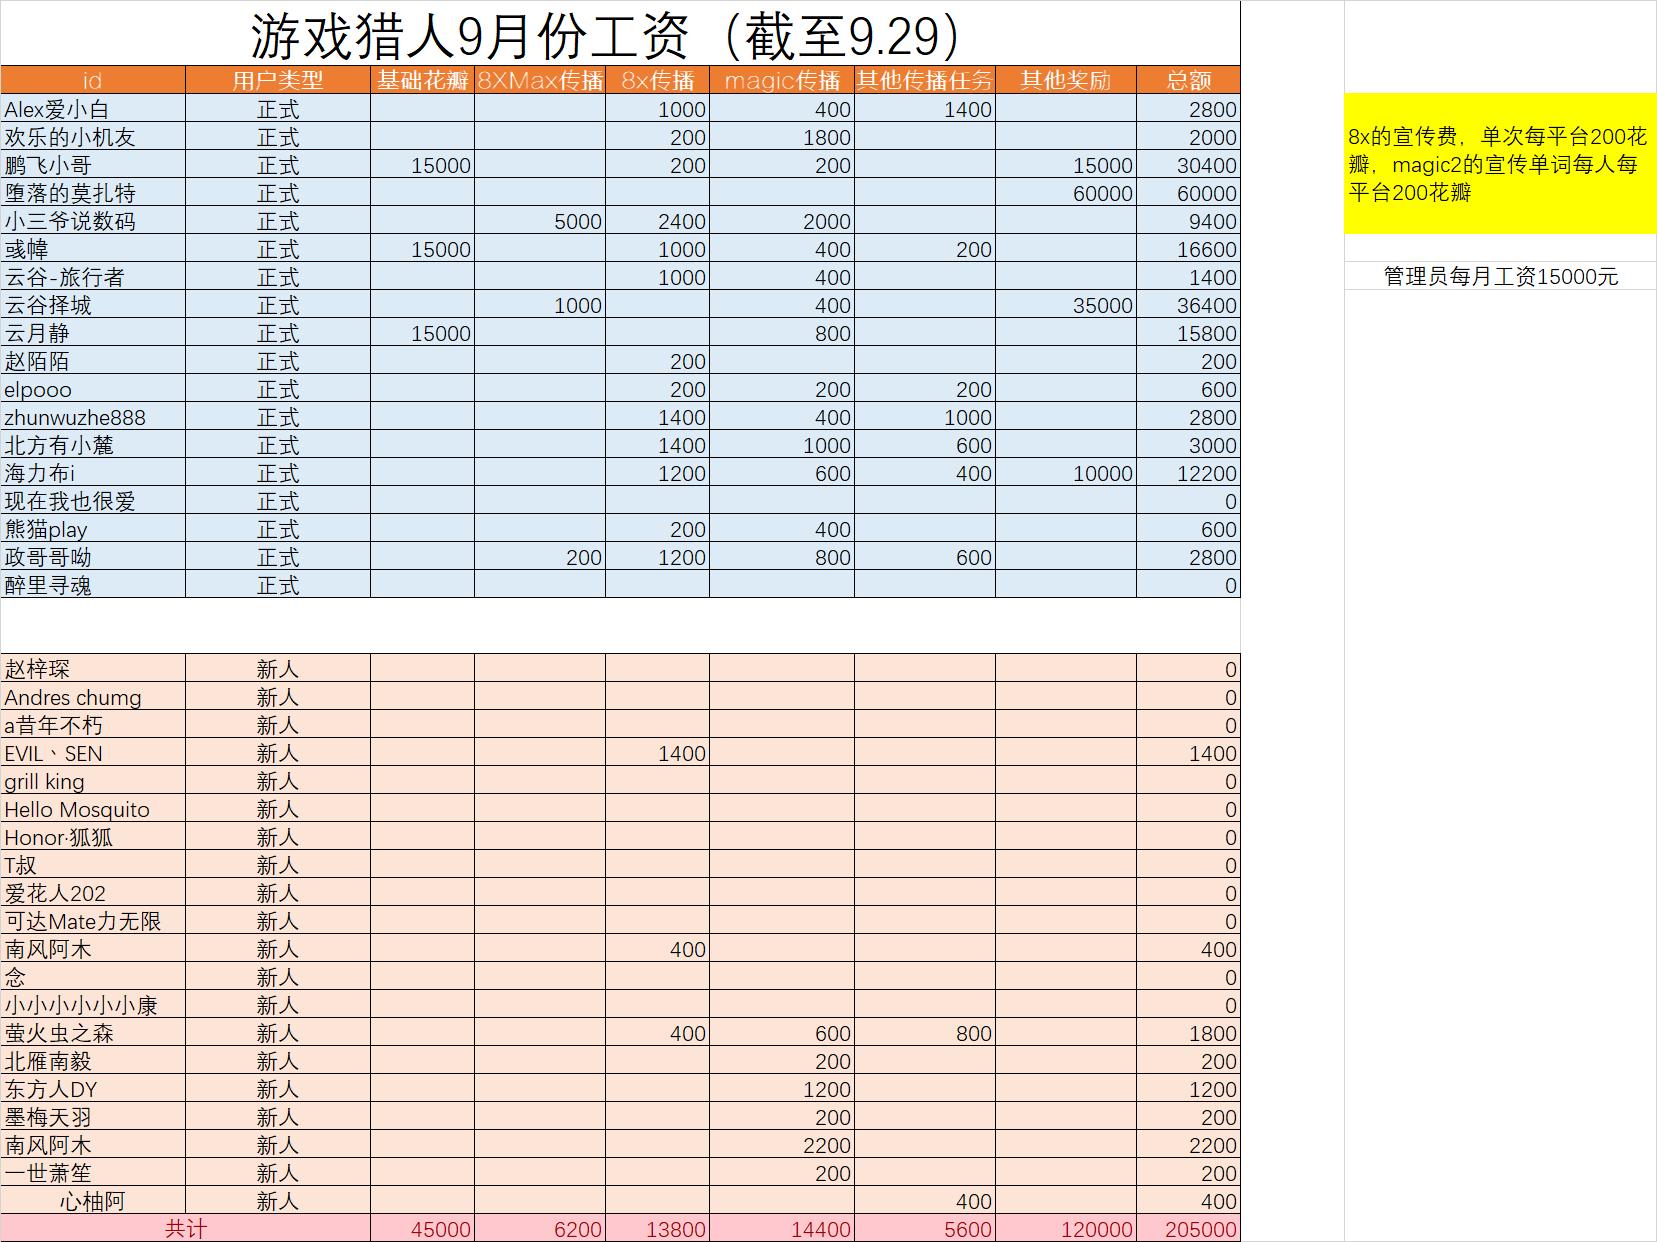 ZVK$%C]W[PD3U)P7WR3$U.png